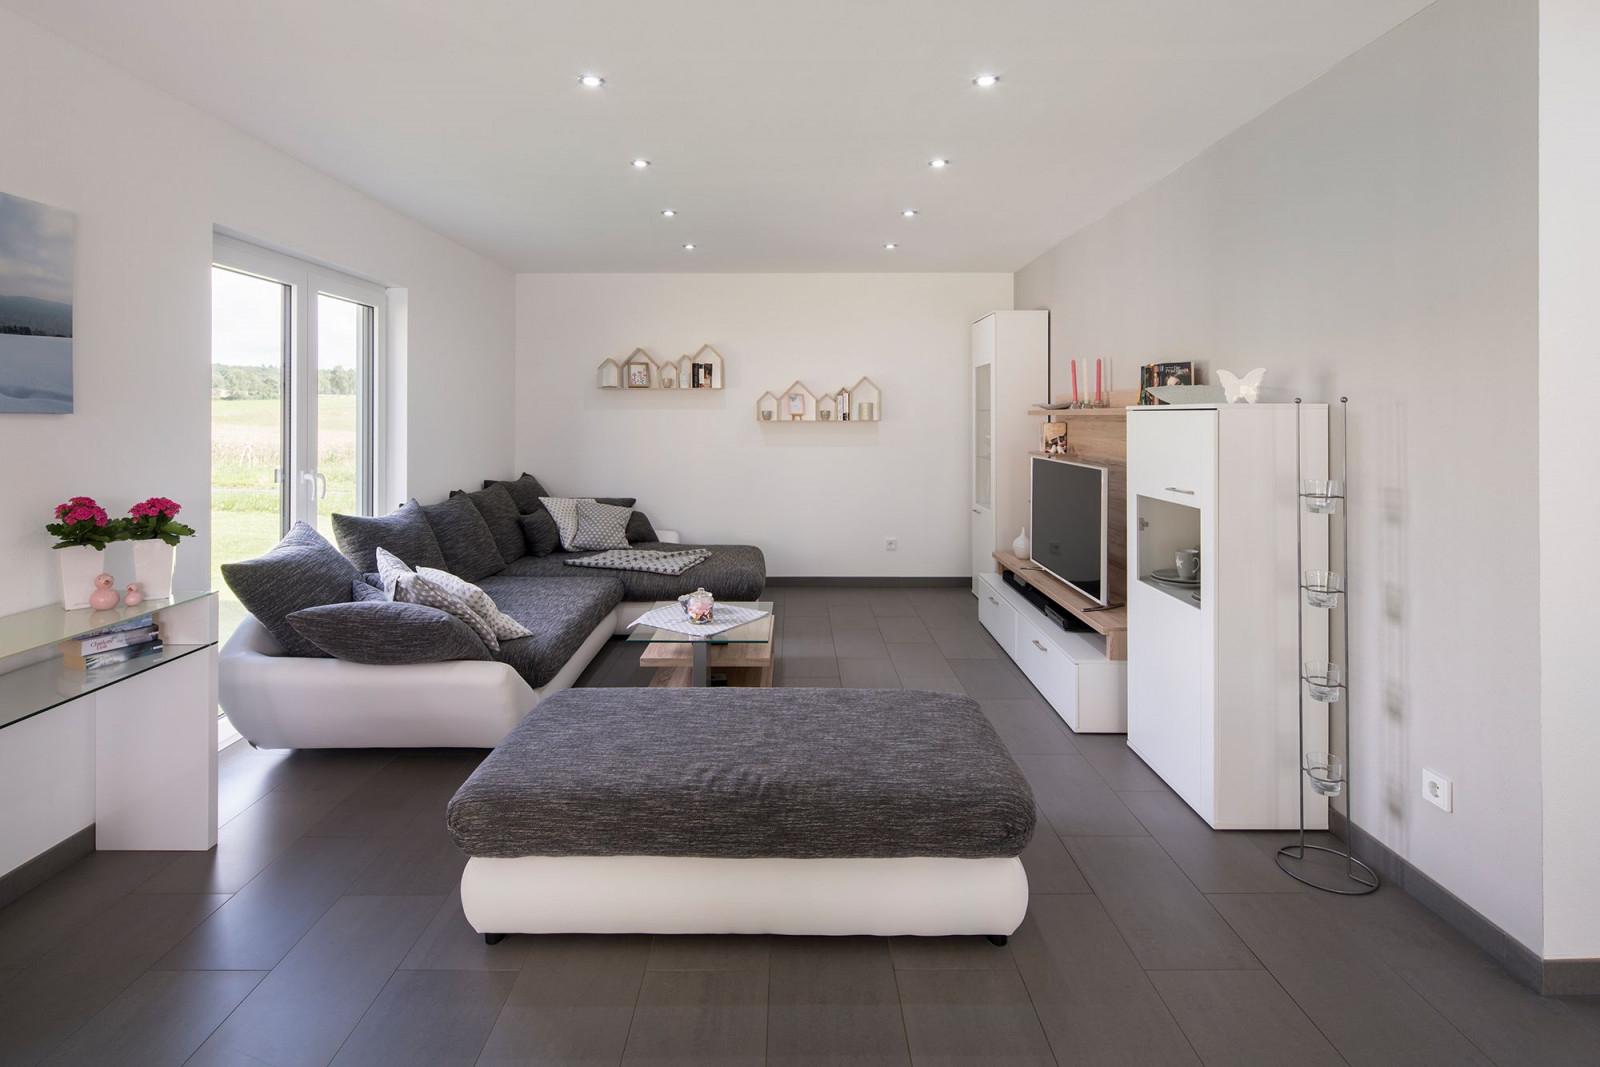 Fertighaus Wohnideen – Wohnzimmer In 2020  Wohnen von Wohnideen Bilder Wohnzimmer Photo